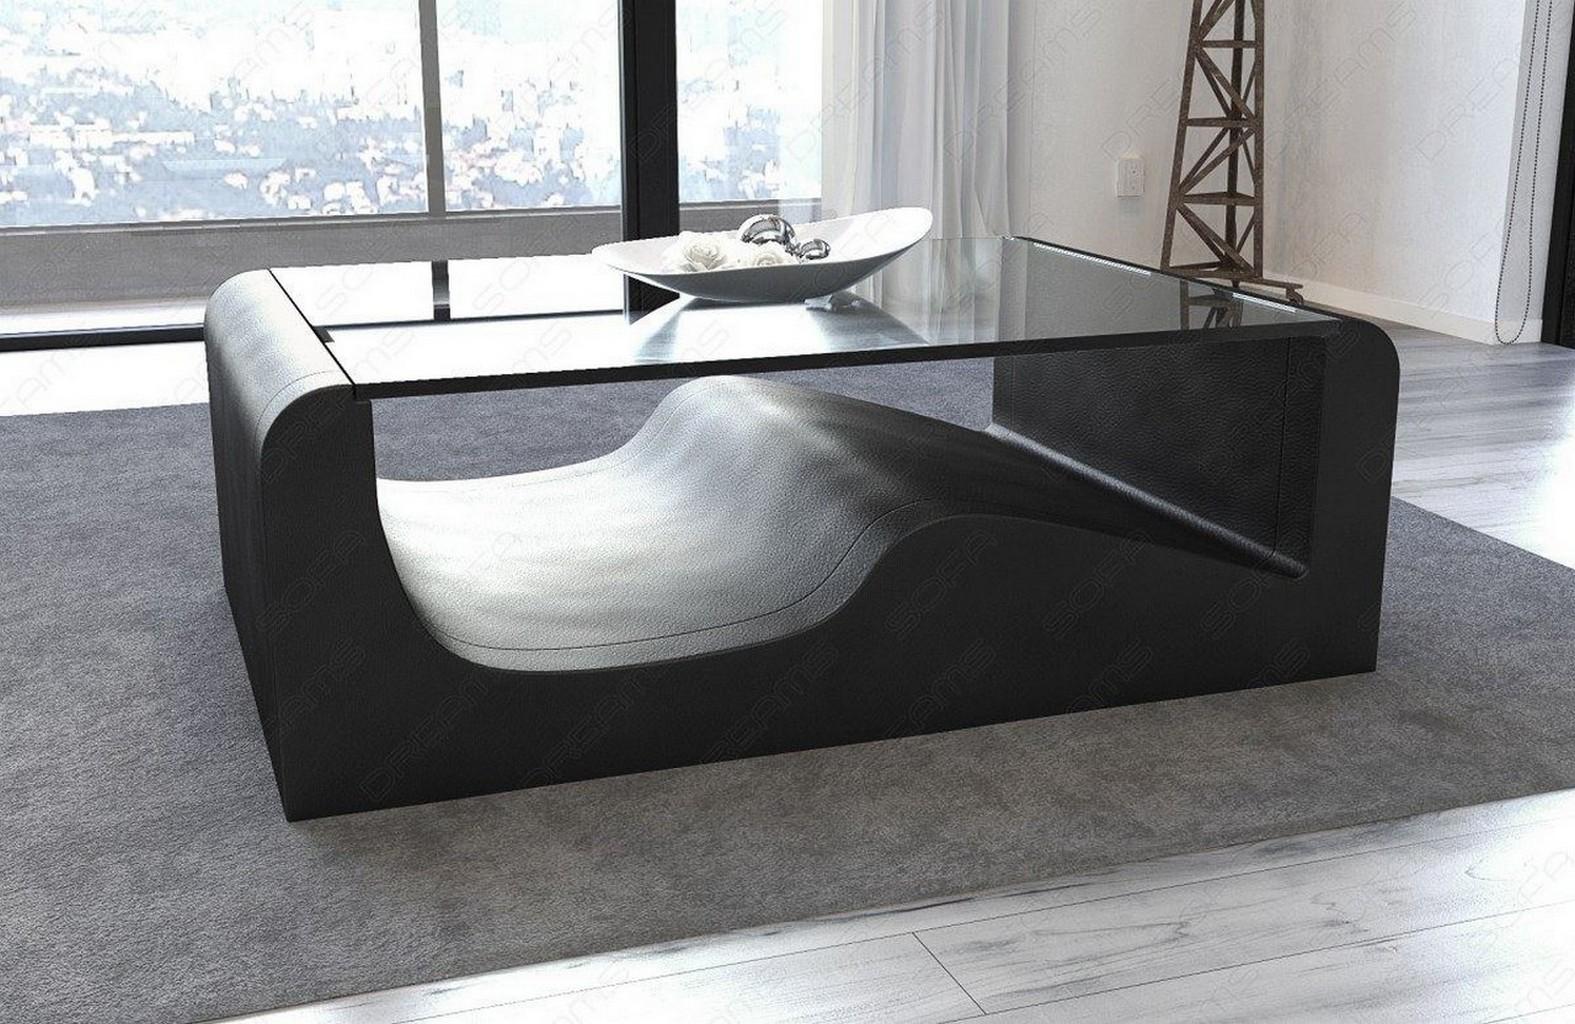 wohnzimmer couch leder:Pin Couchtisch Leder Design Couch Wohnzimmer Tisch Braun Loungetisch